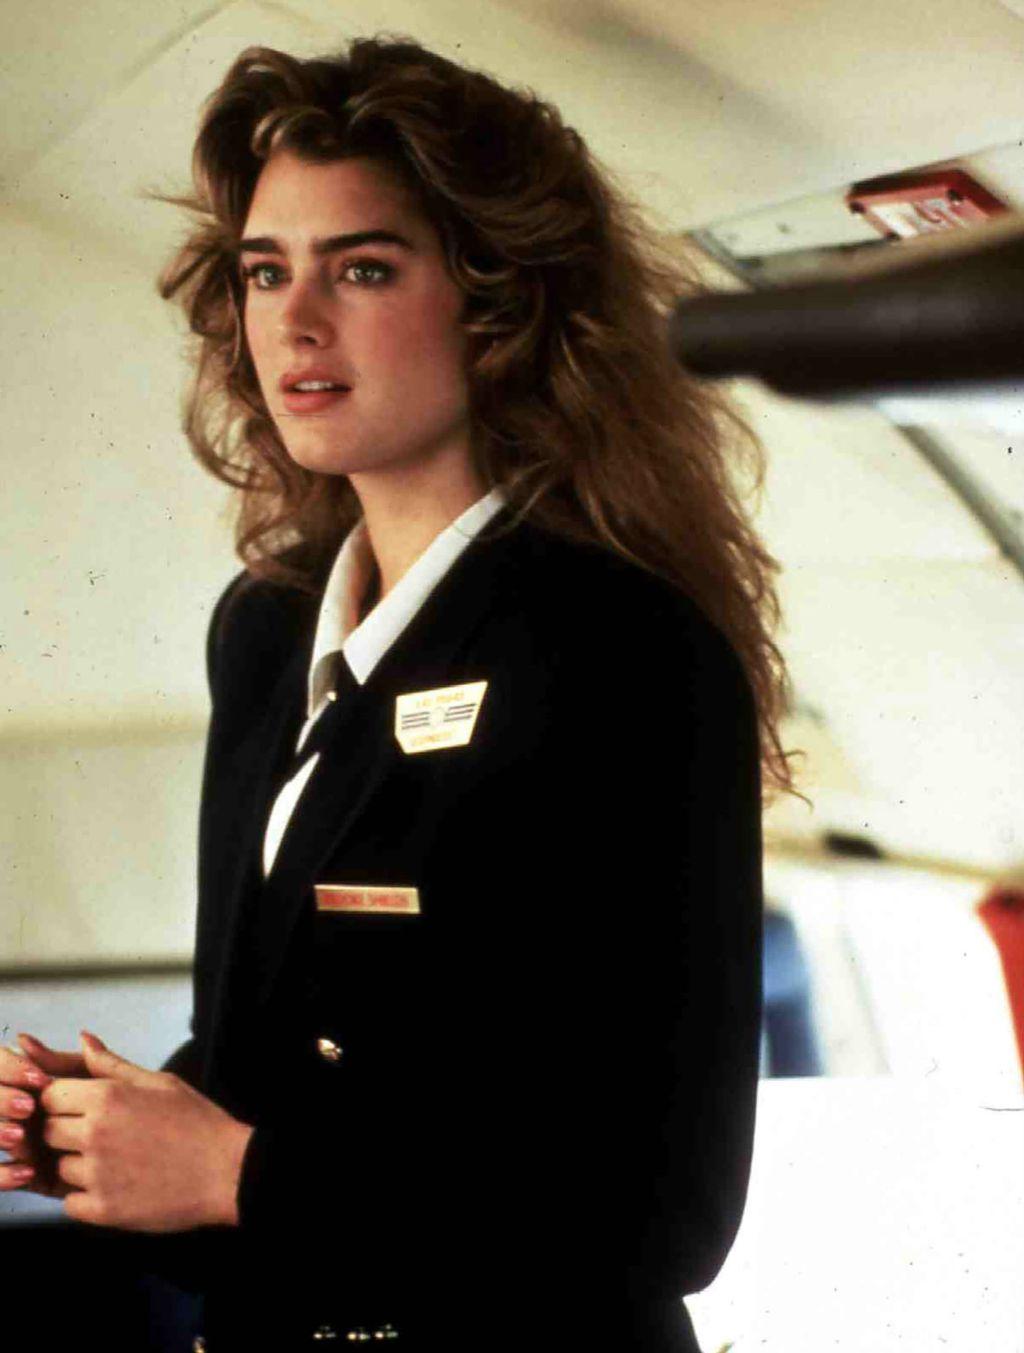 I Brooke Shields bila je jedna od glumica kojoj su producenti željeli ponuditi ulogu